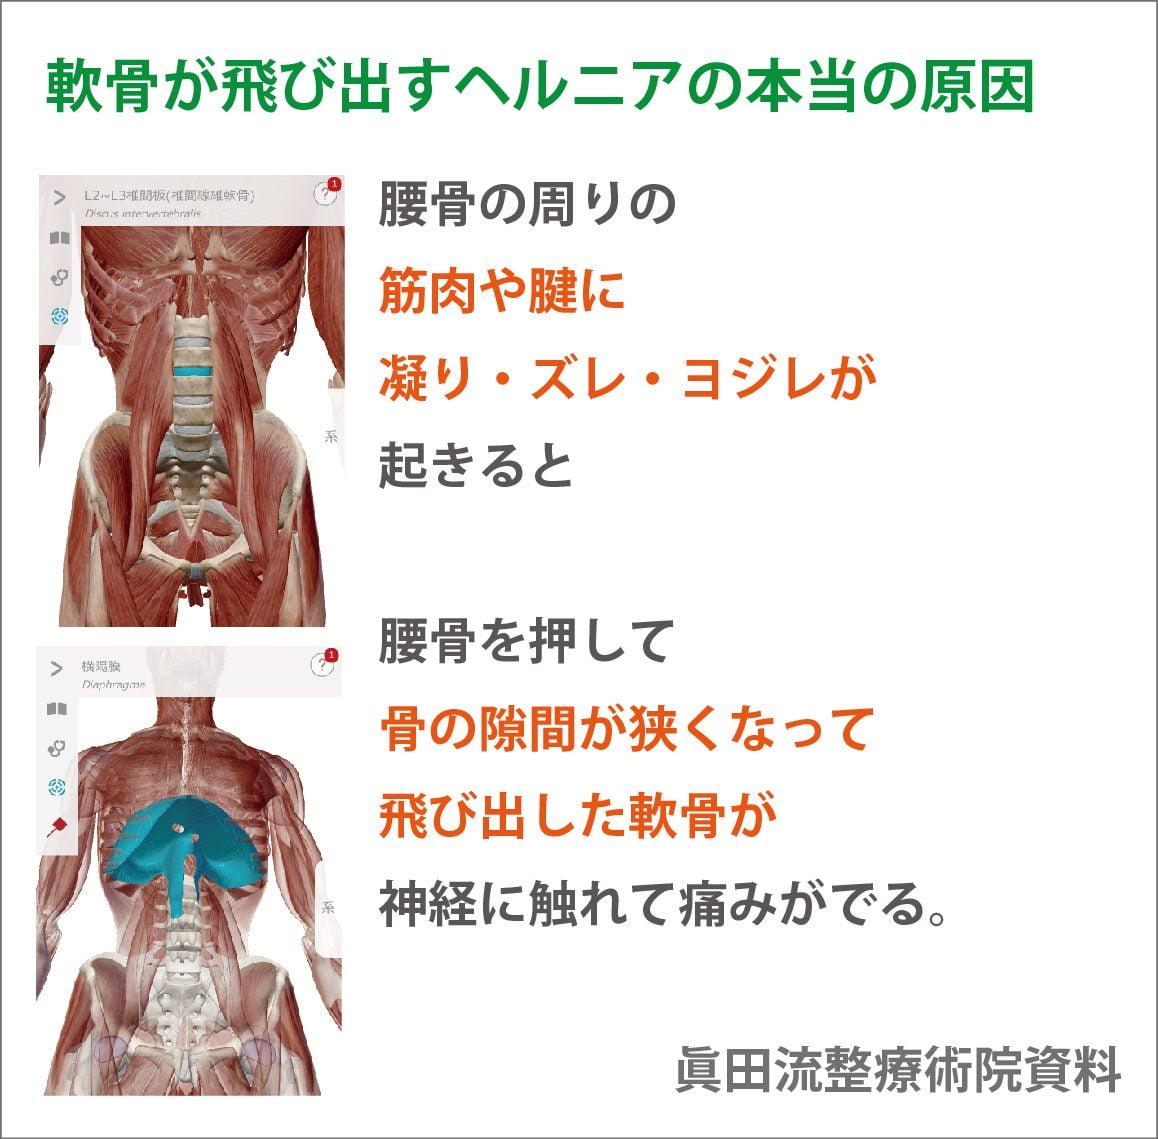 腰骨の位置が変わってしまい 腰骨と腰骨の間にある軟骨が変形したり 飛び出したりしてしまうのです。